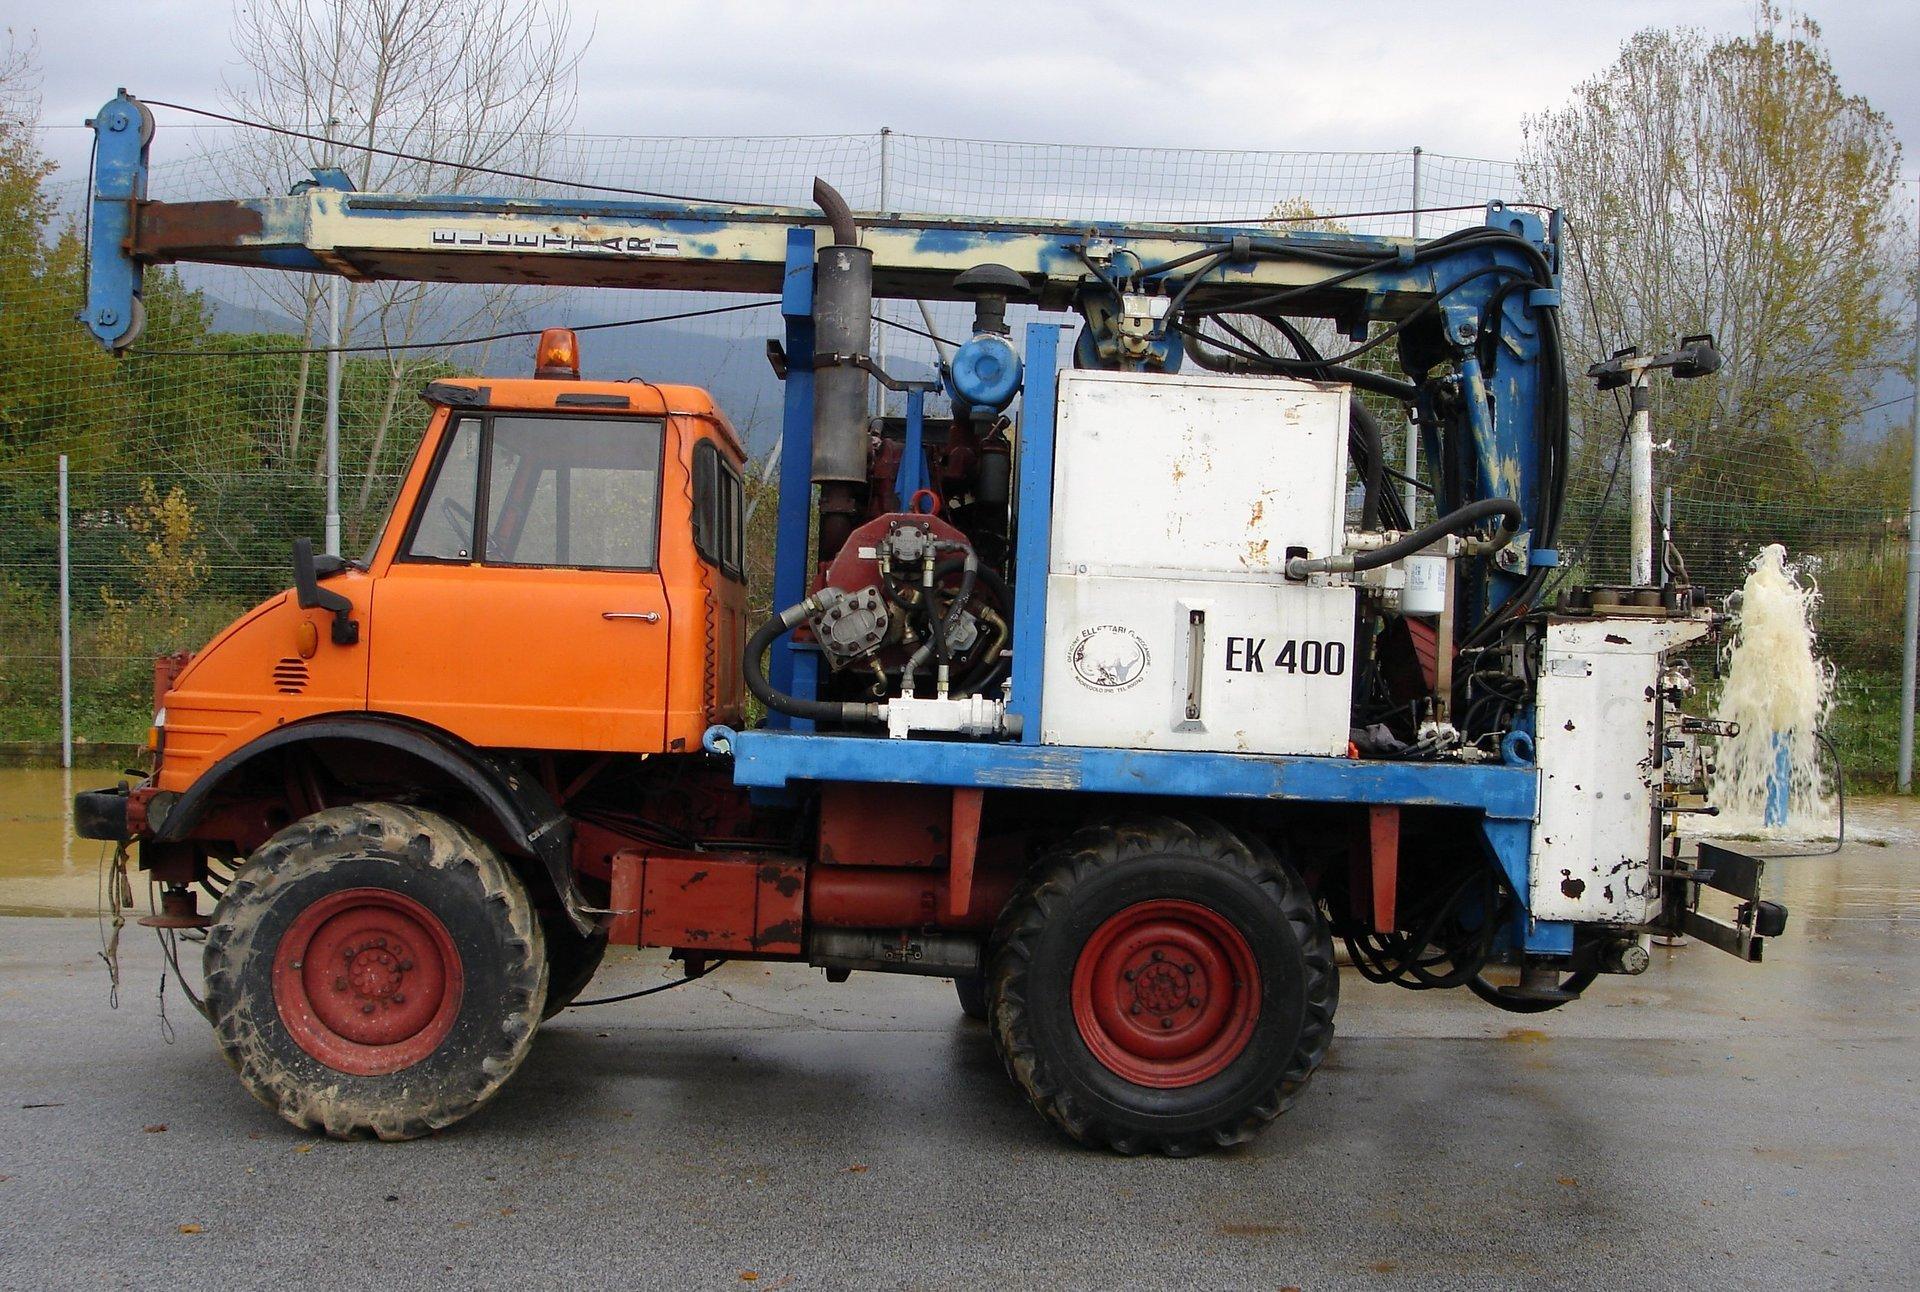 camion per trivellazioni